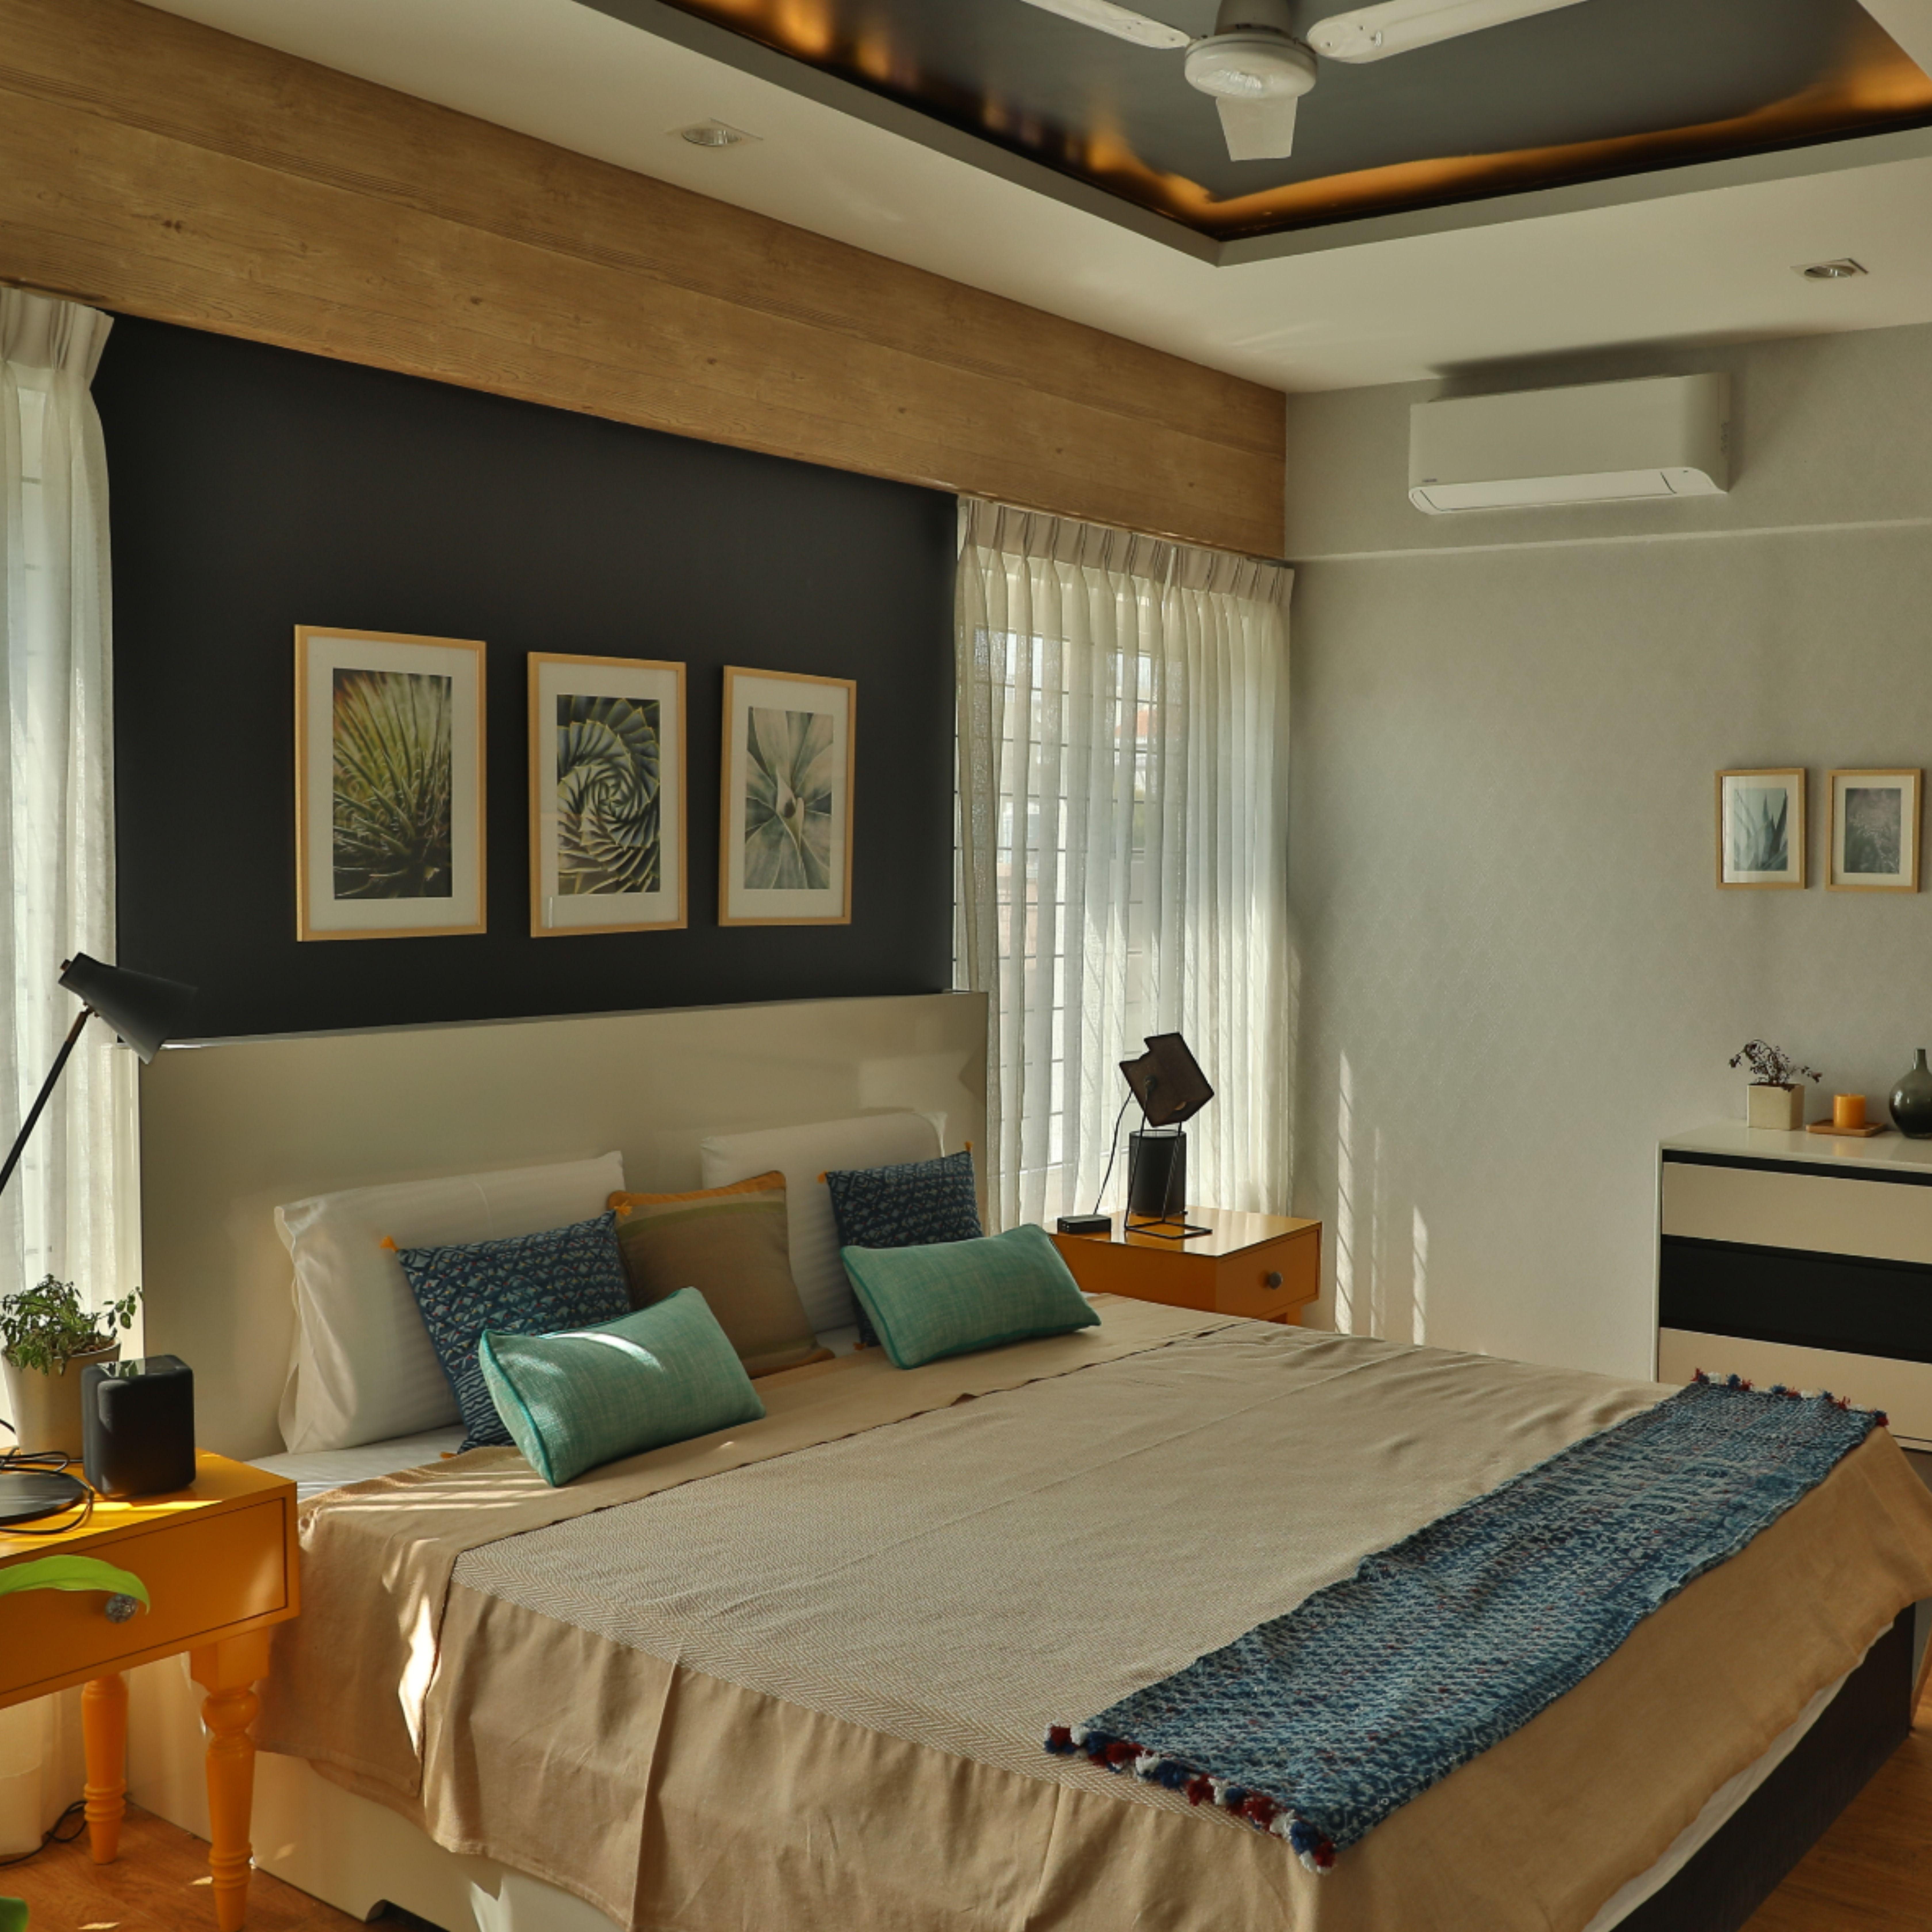 Amazing Interior Design Ideas For Home: Master Bedroom - Bonito Designs